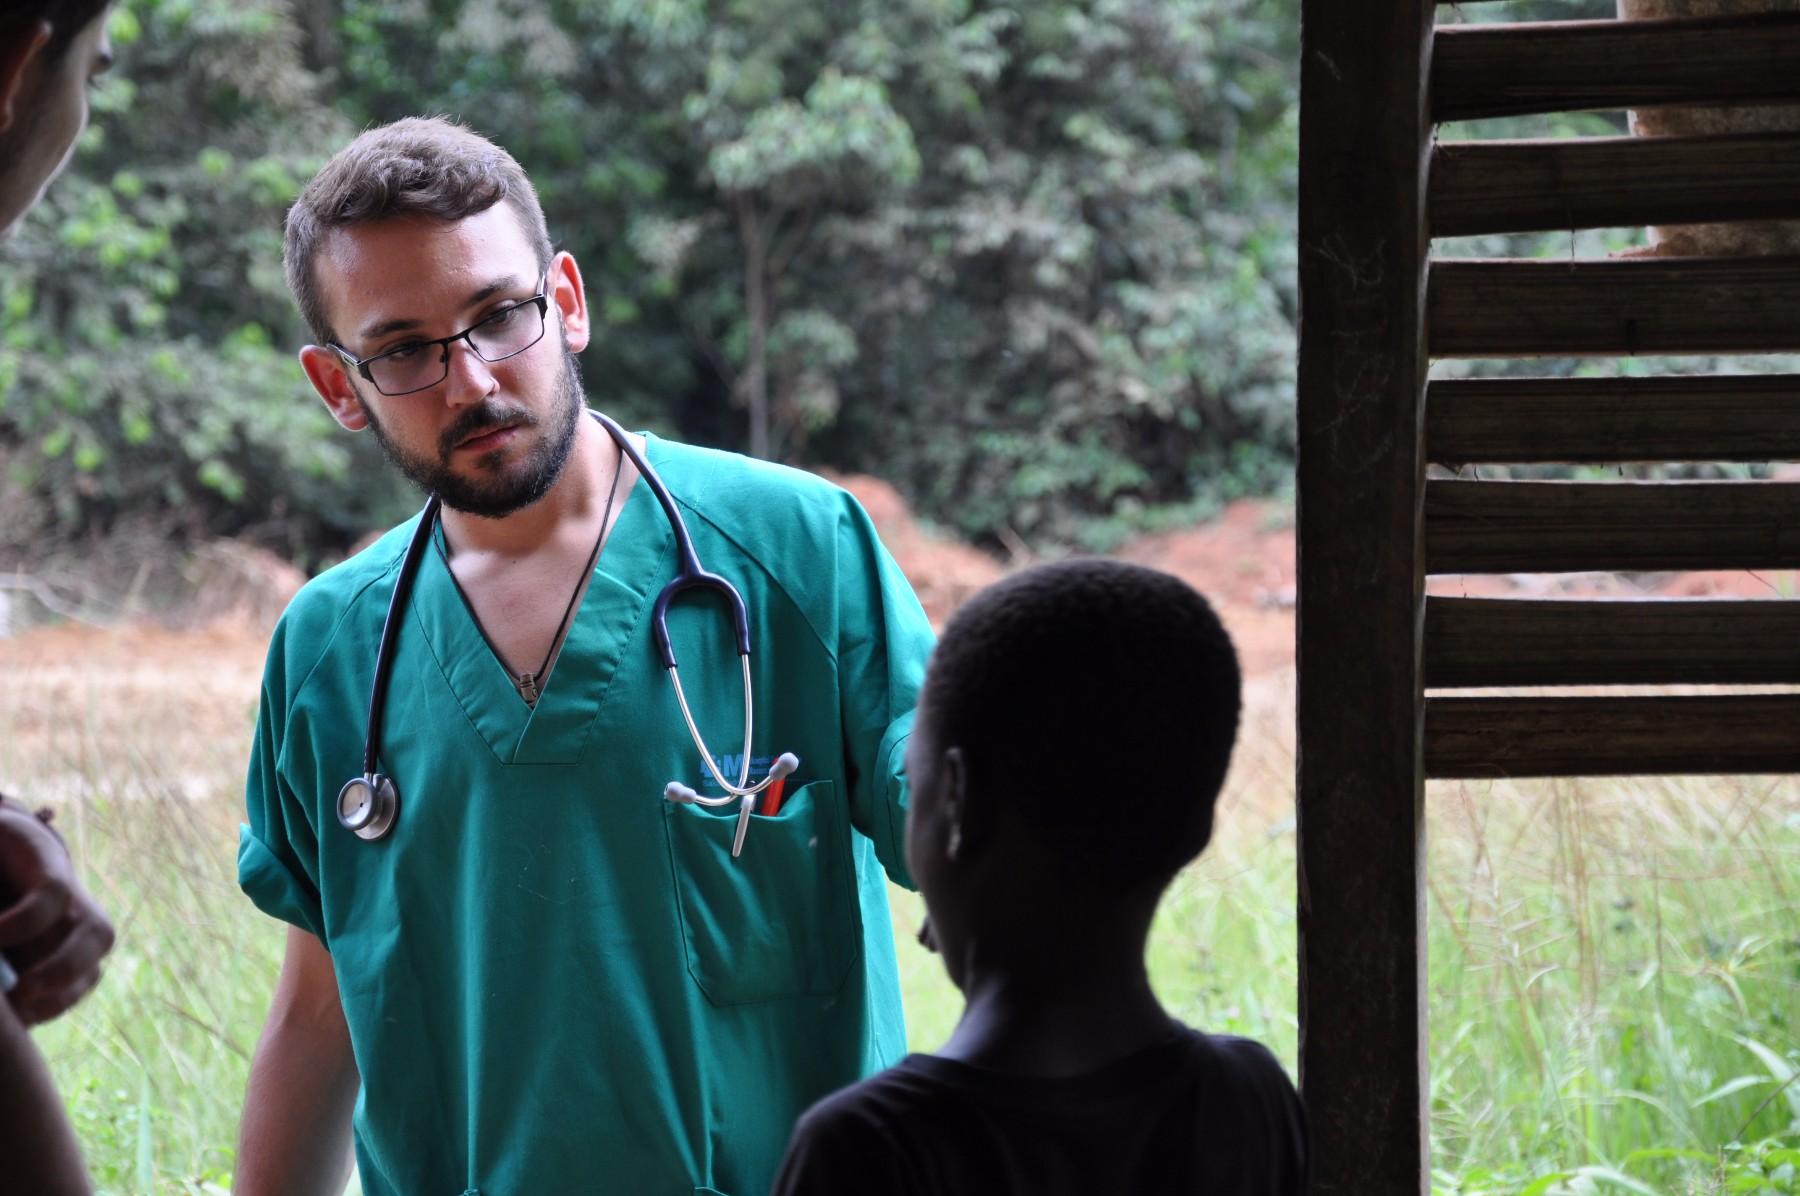 médicos en camerun